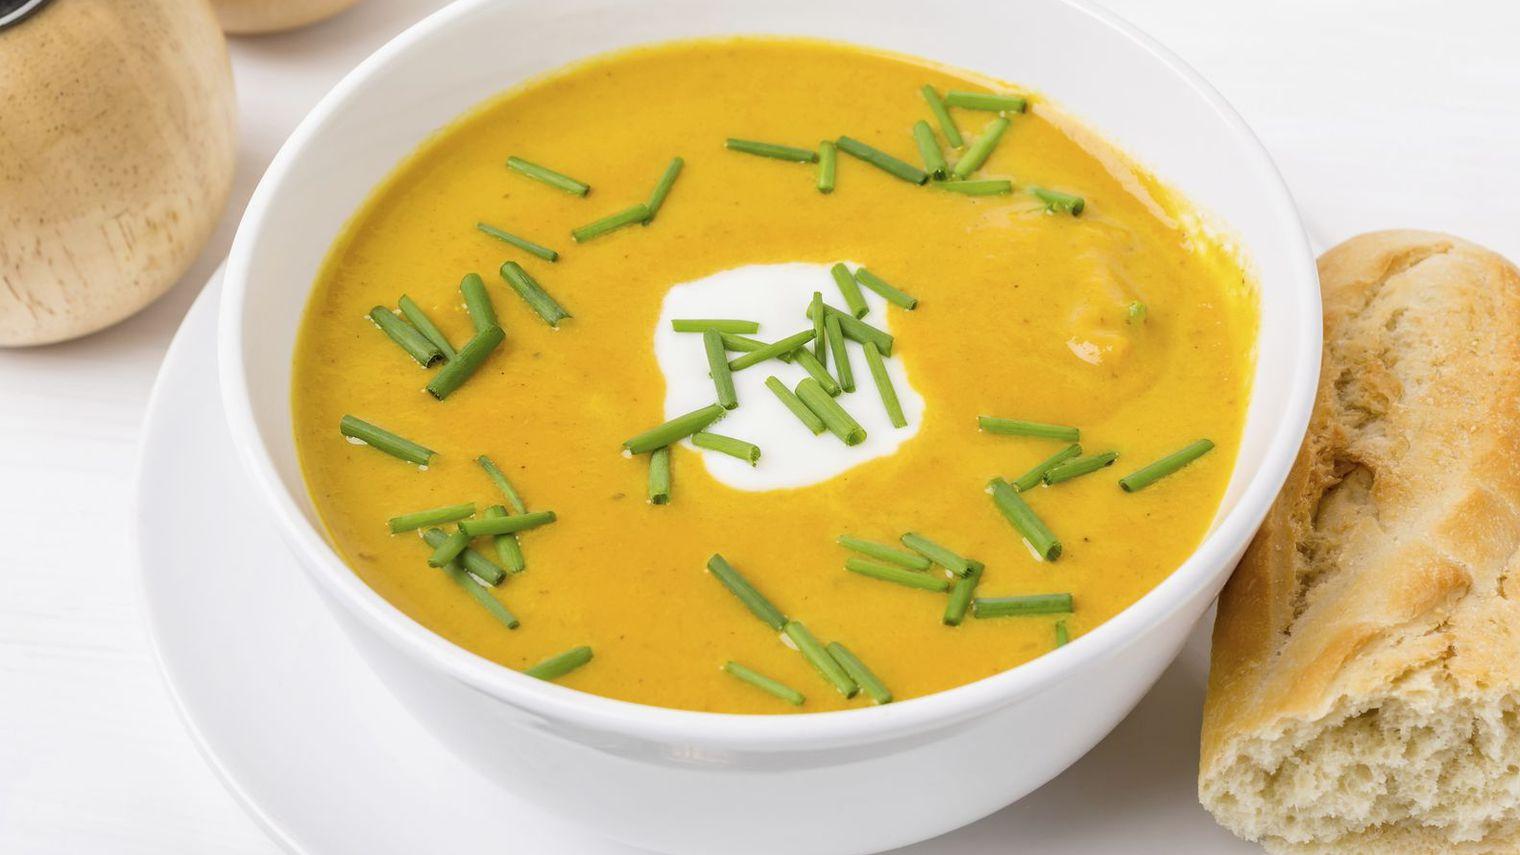 Assiette froide avec au choix 3 préparations végétariennes, au poisson ou à la viande